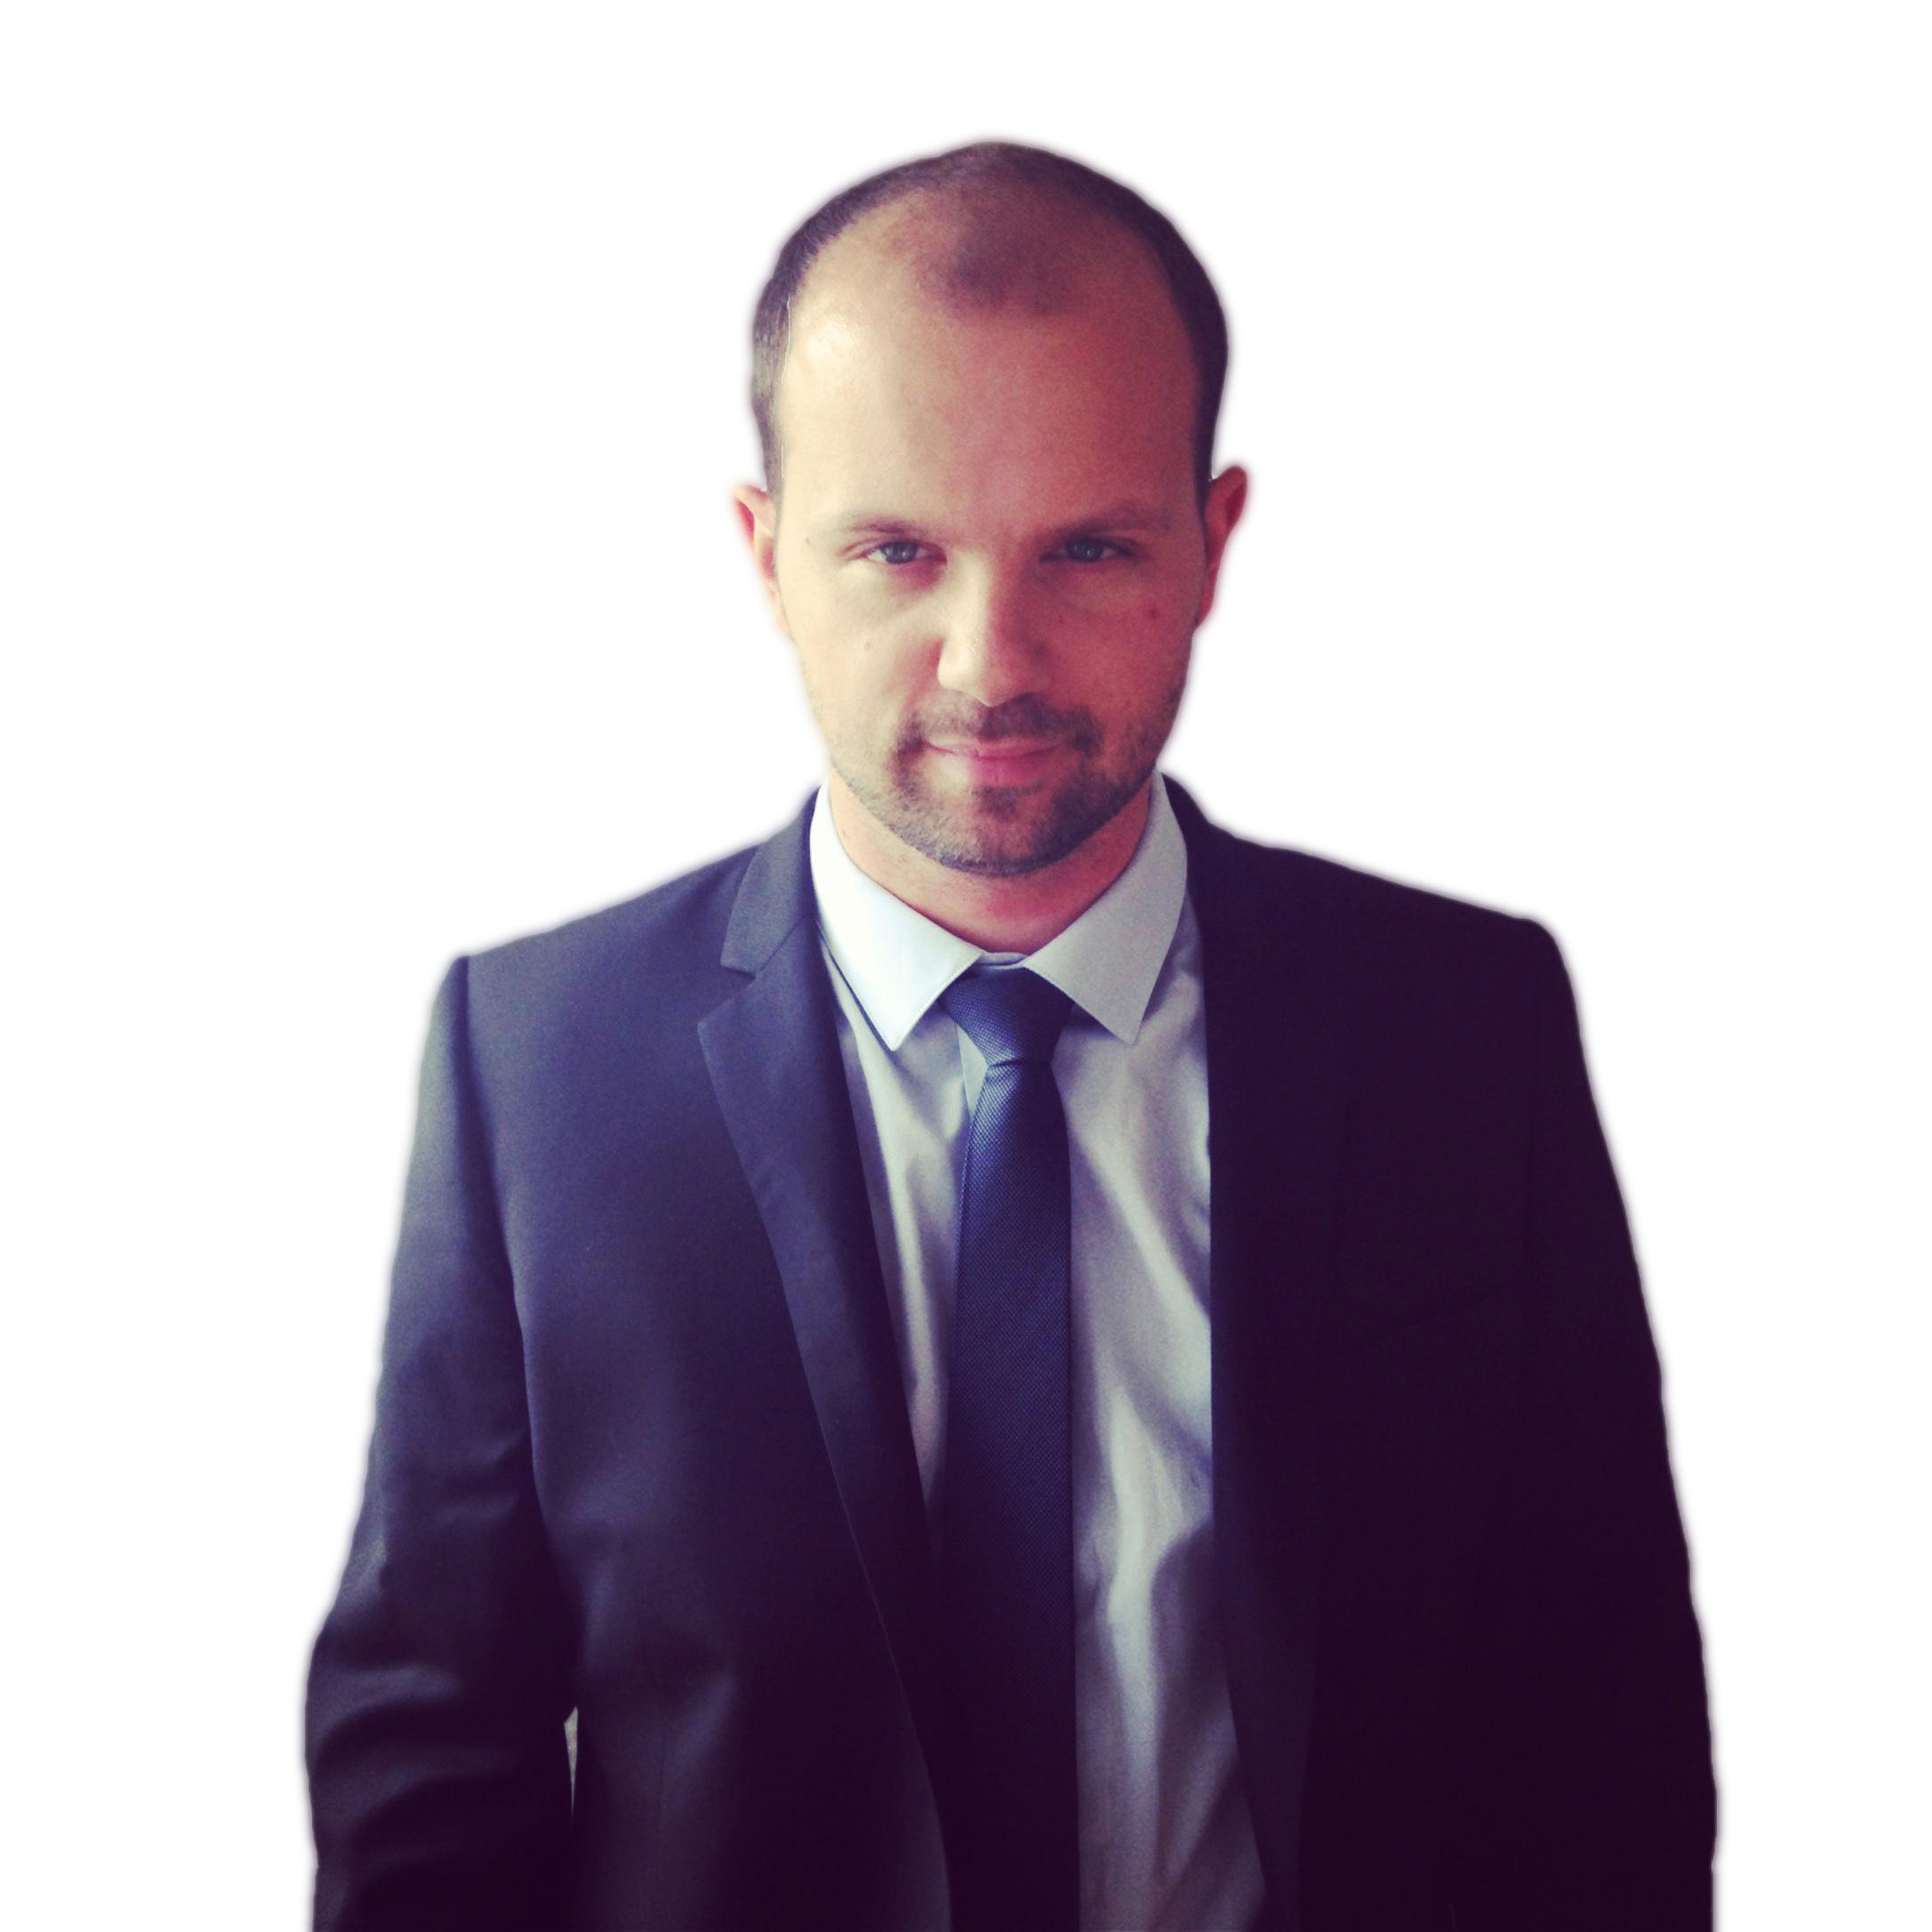 Thomas Pawlowski est le directeur délégué de RFM